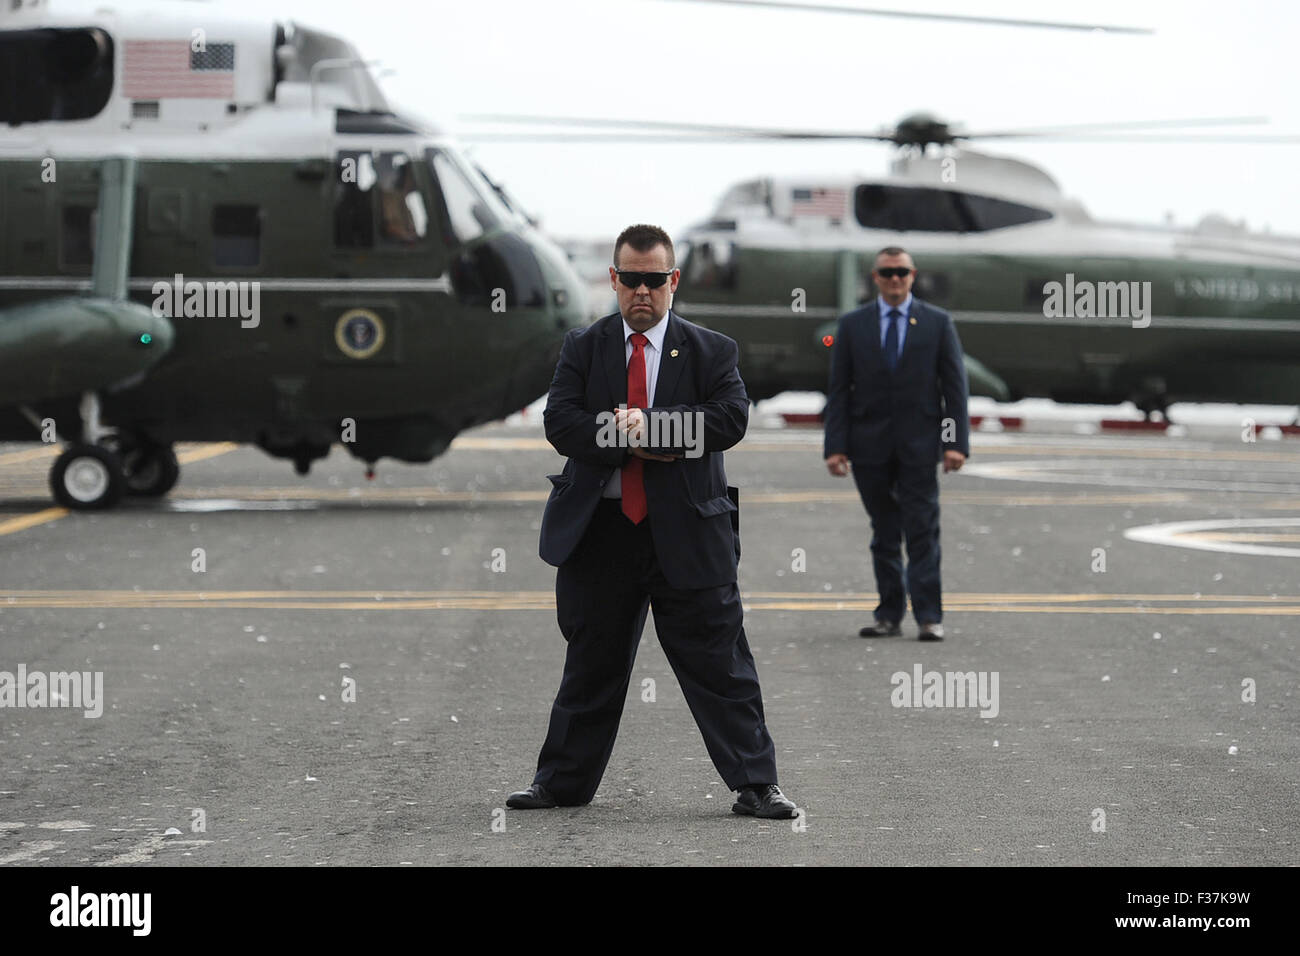 Secret Security Service